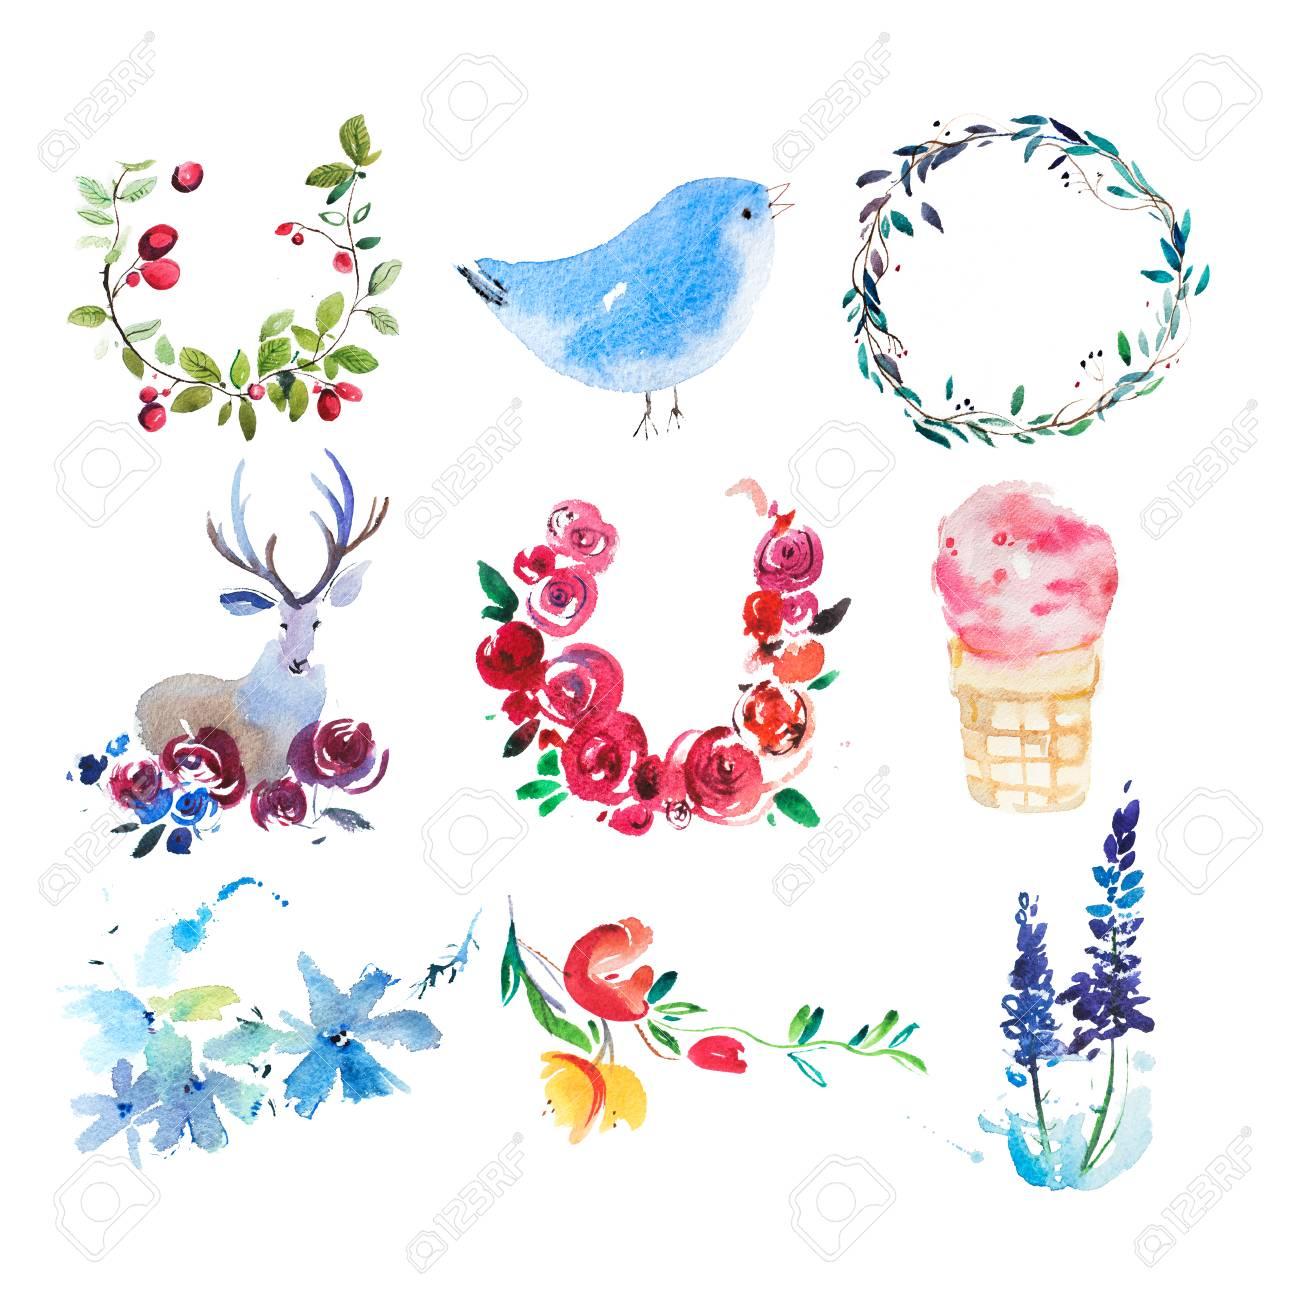 Dessin Aquarelle Fleurs Couronne Et Feuilles Peinture à L